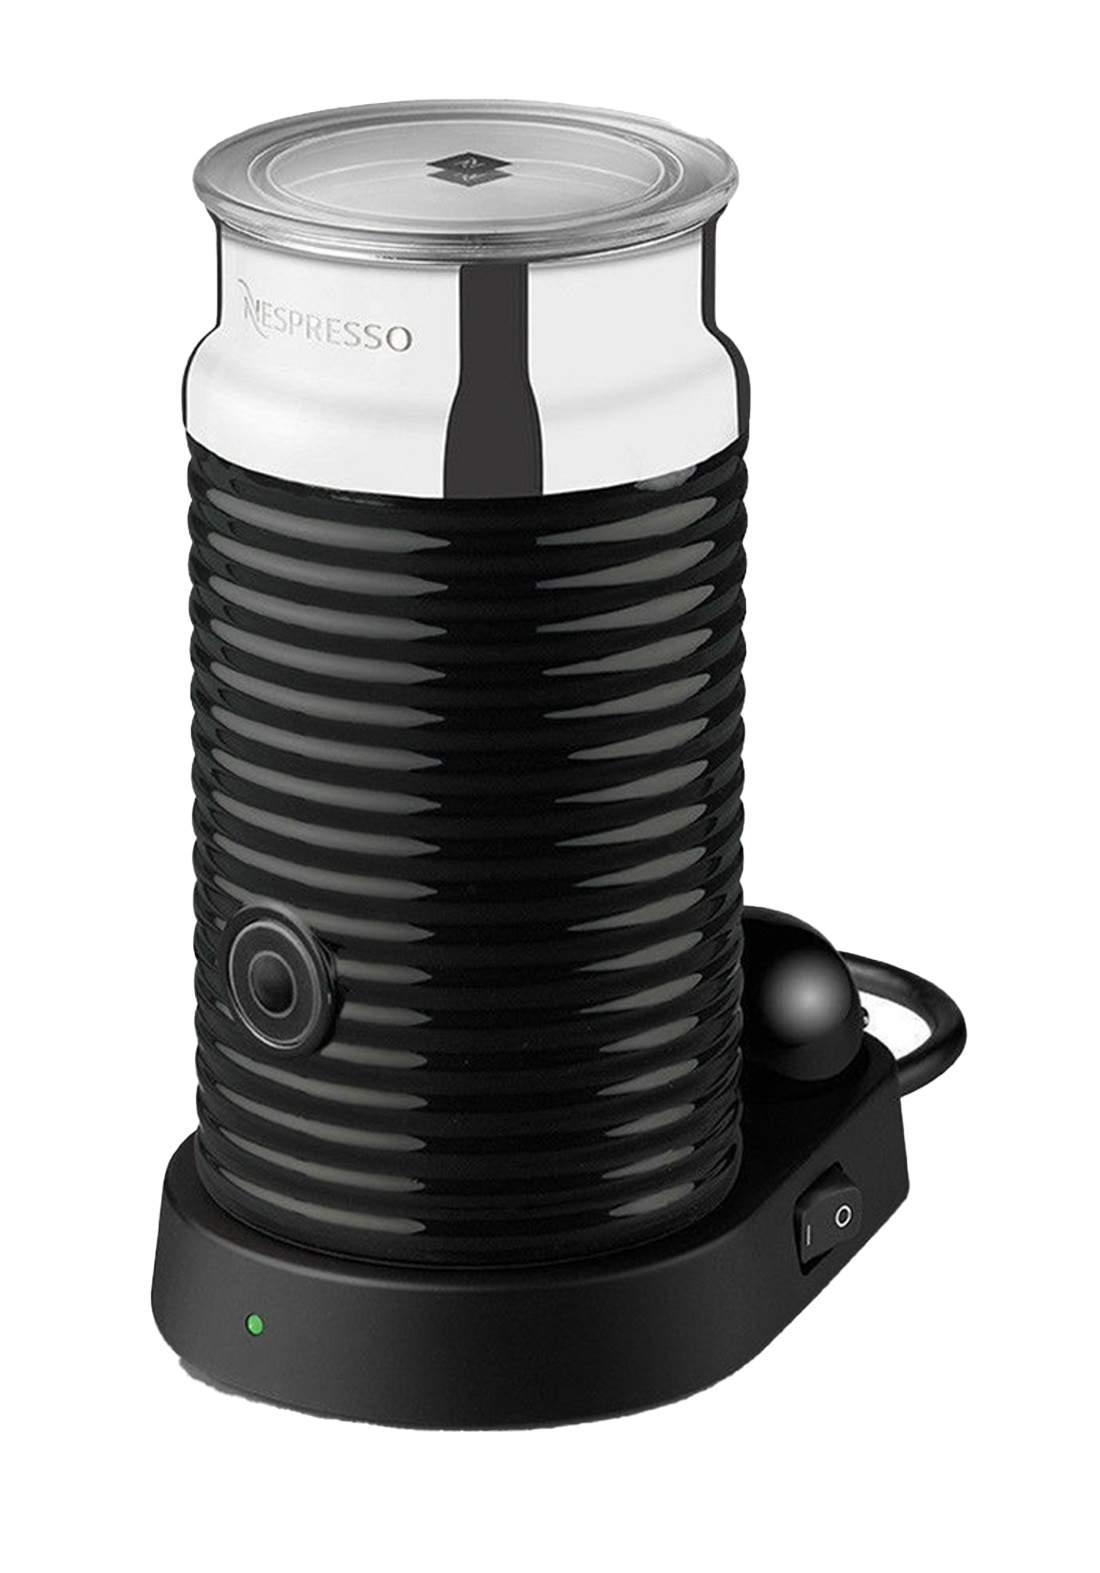 Nespresso Milkfrother 500 Watt جهاز رغوة الحليب